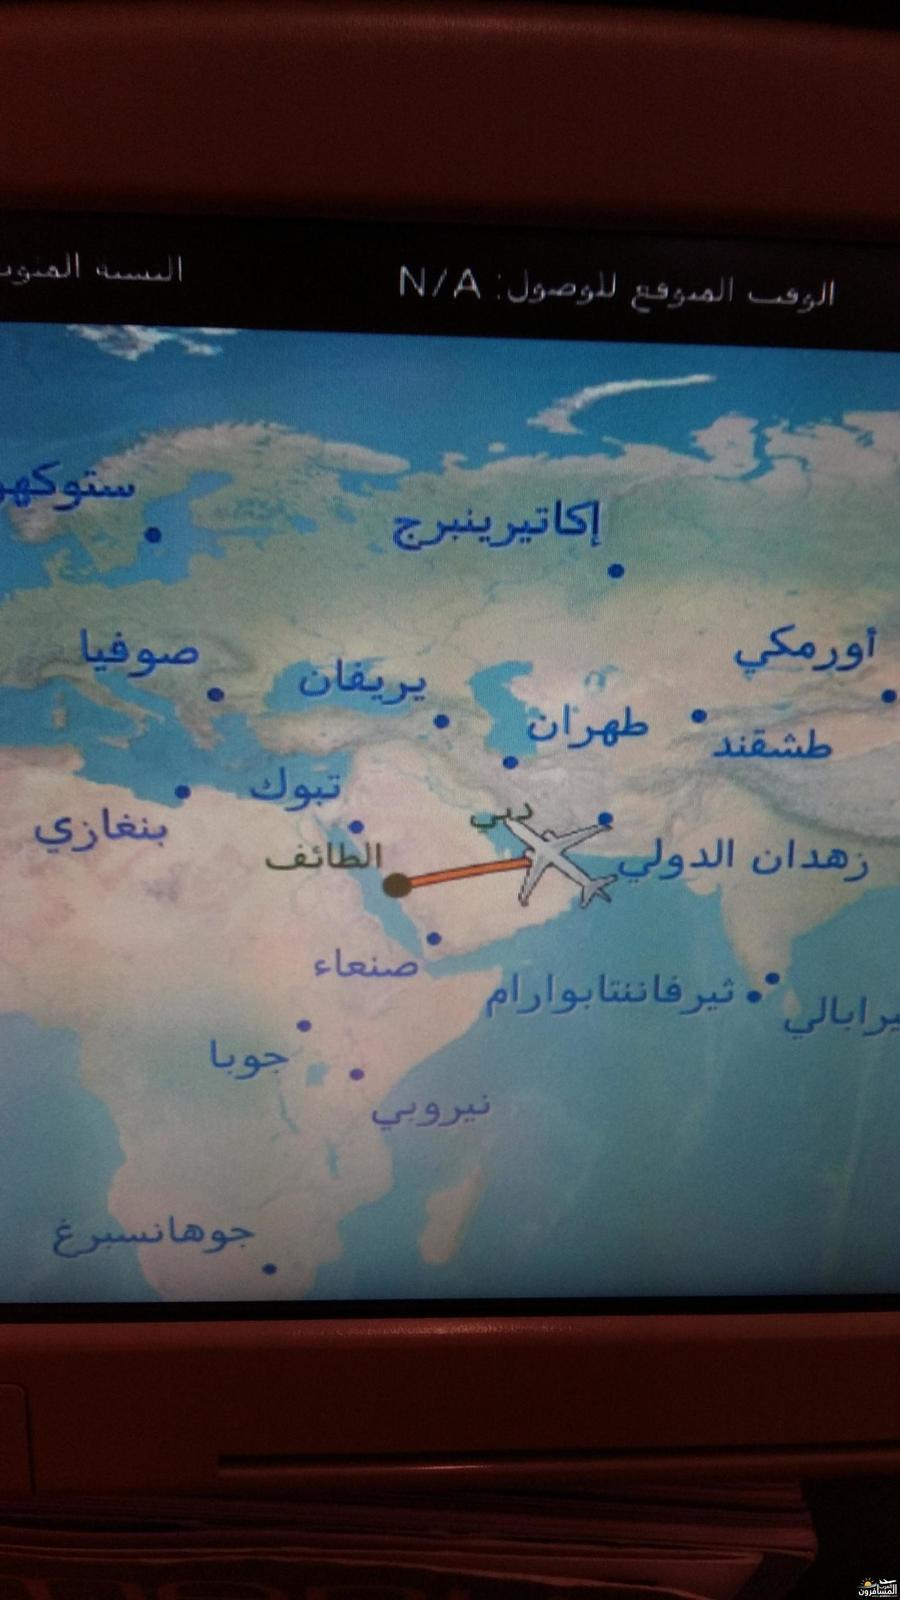 655151 المسافرون العرب نبذة عن الميقات